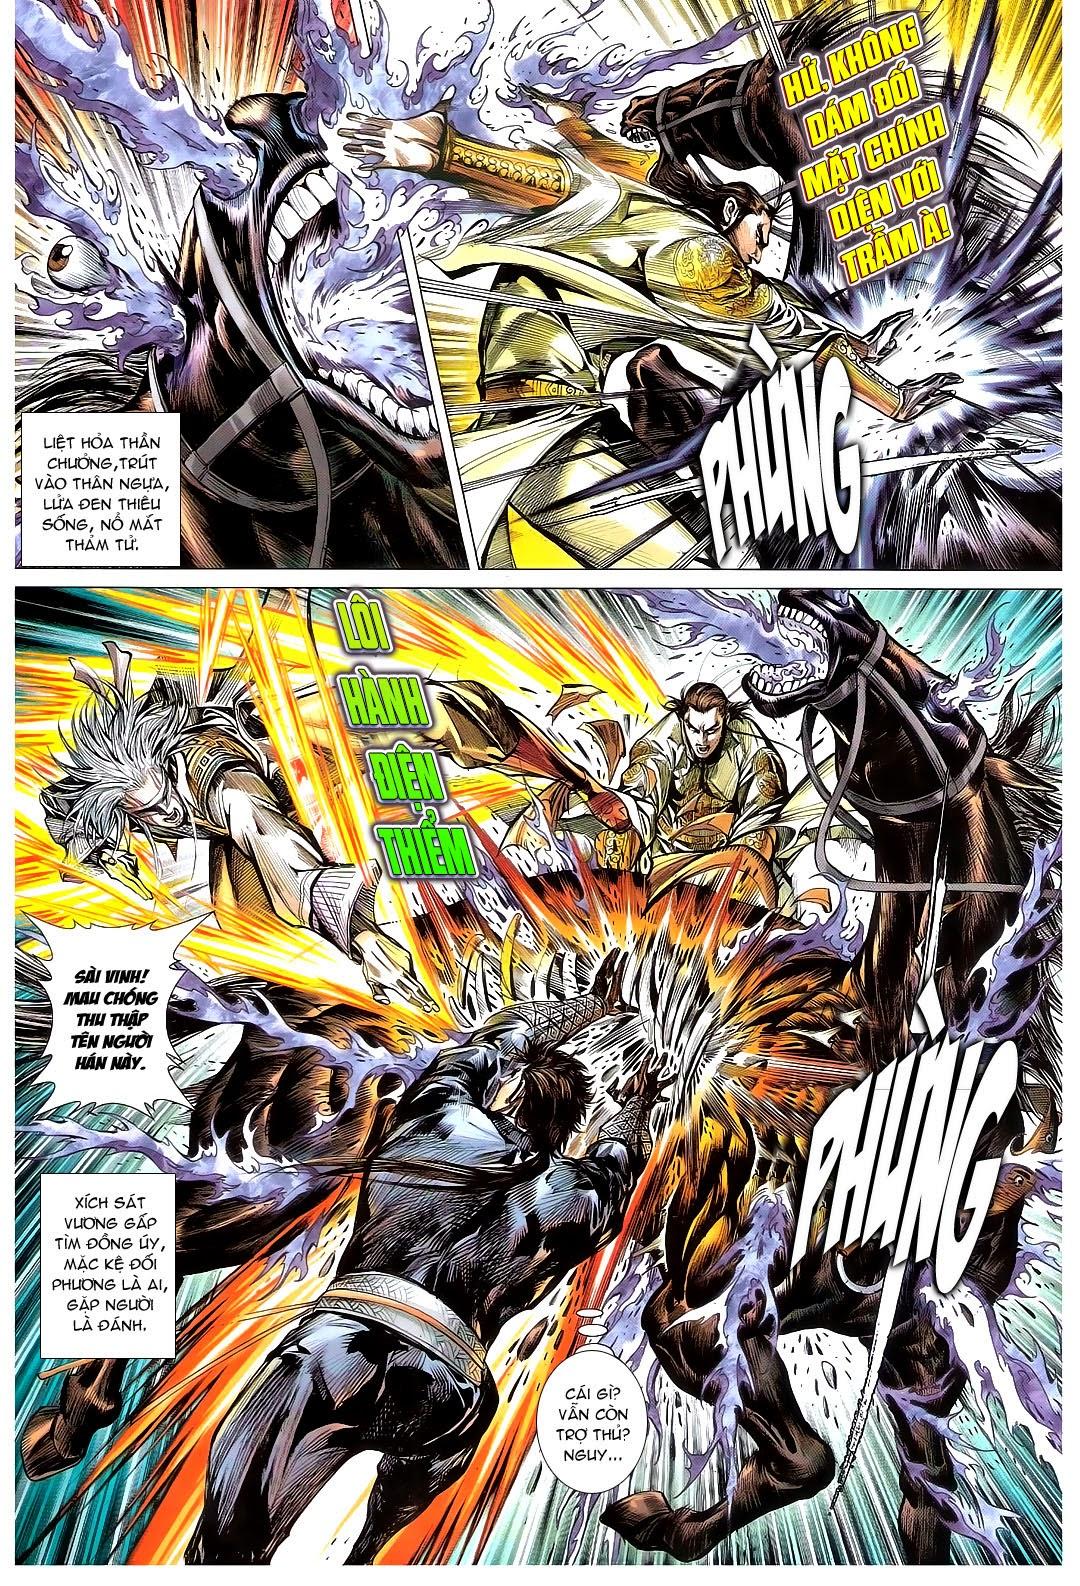 tuoithodudoi.com Thiết Tướng Tung Hoành Chapter 110 - 25.jpg